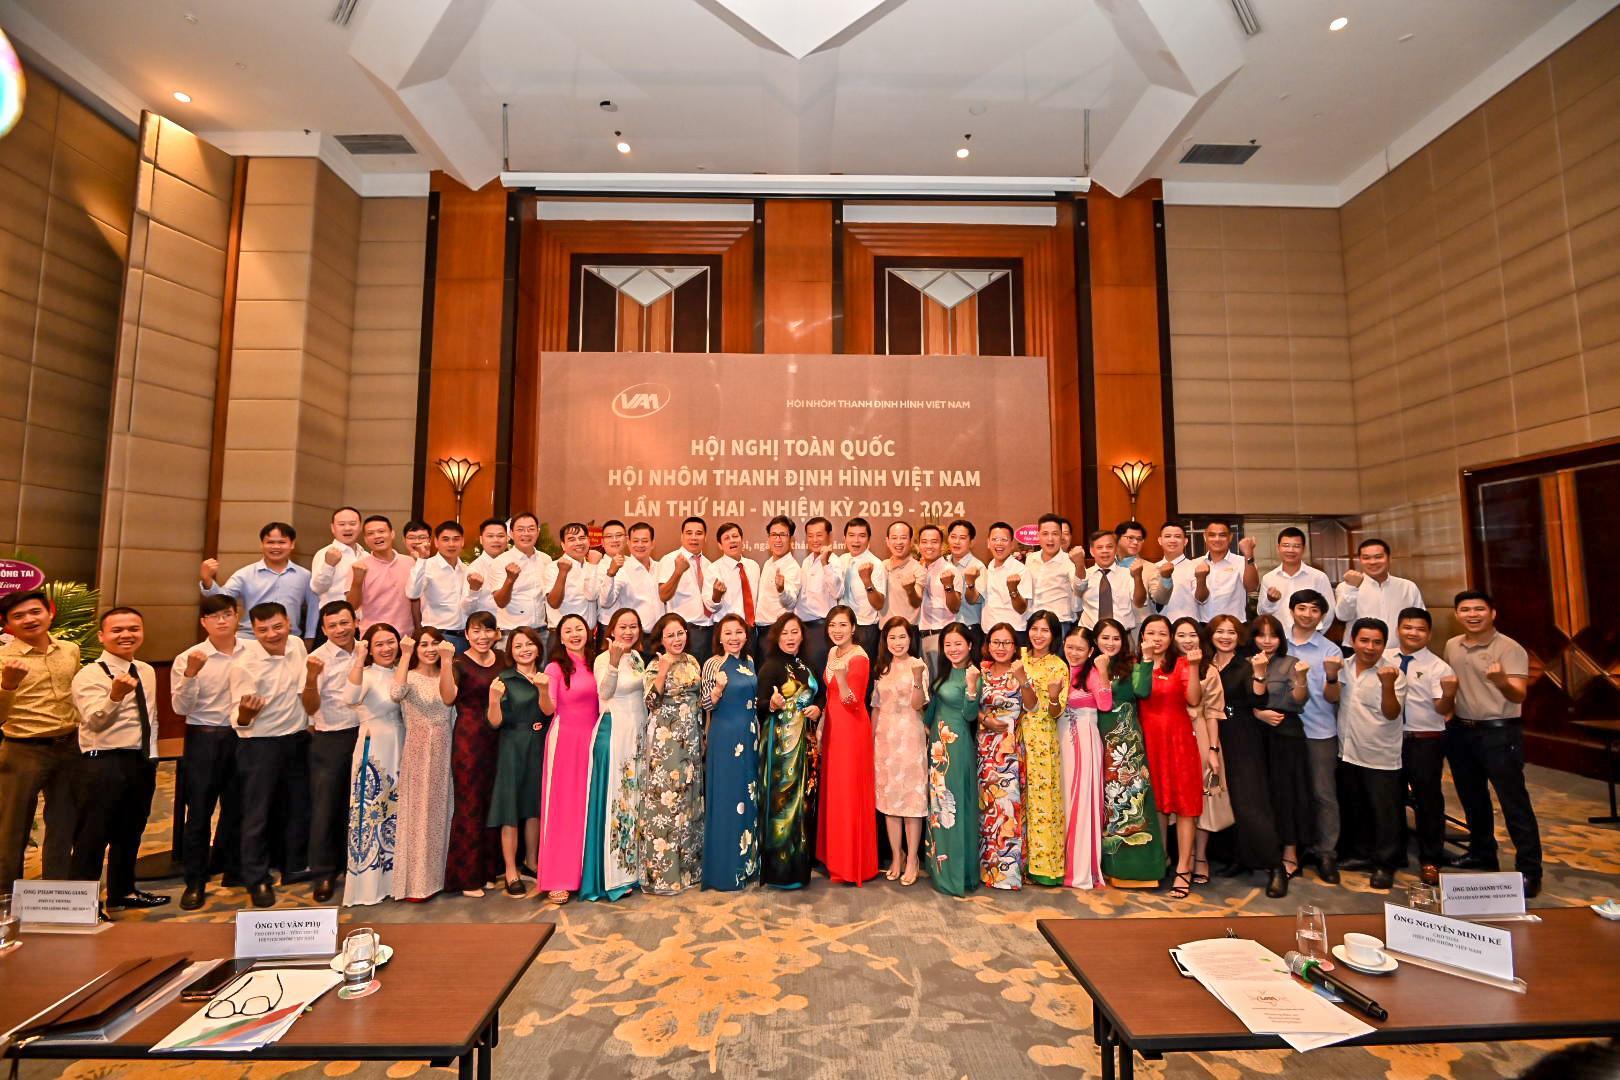 Hội nhôm thanh định hình Việt Nam hiện với 40 doanh nghiệp thành viên.